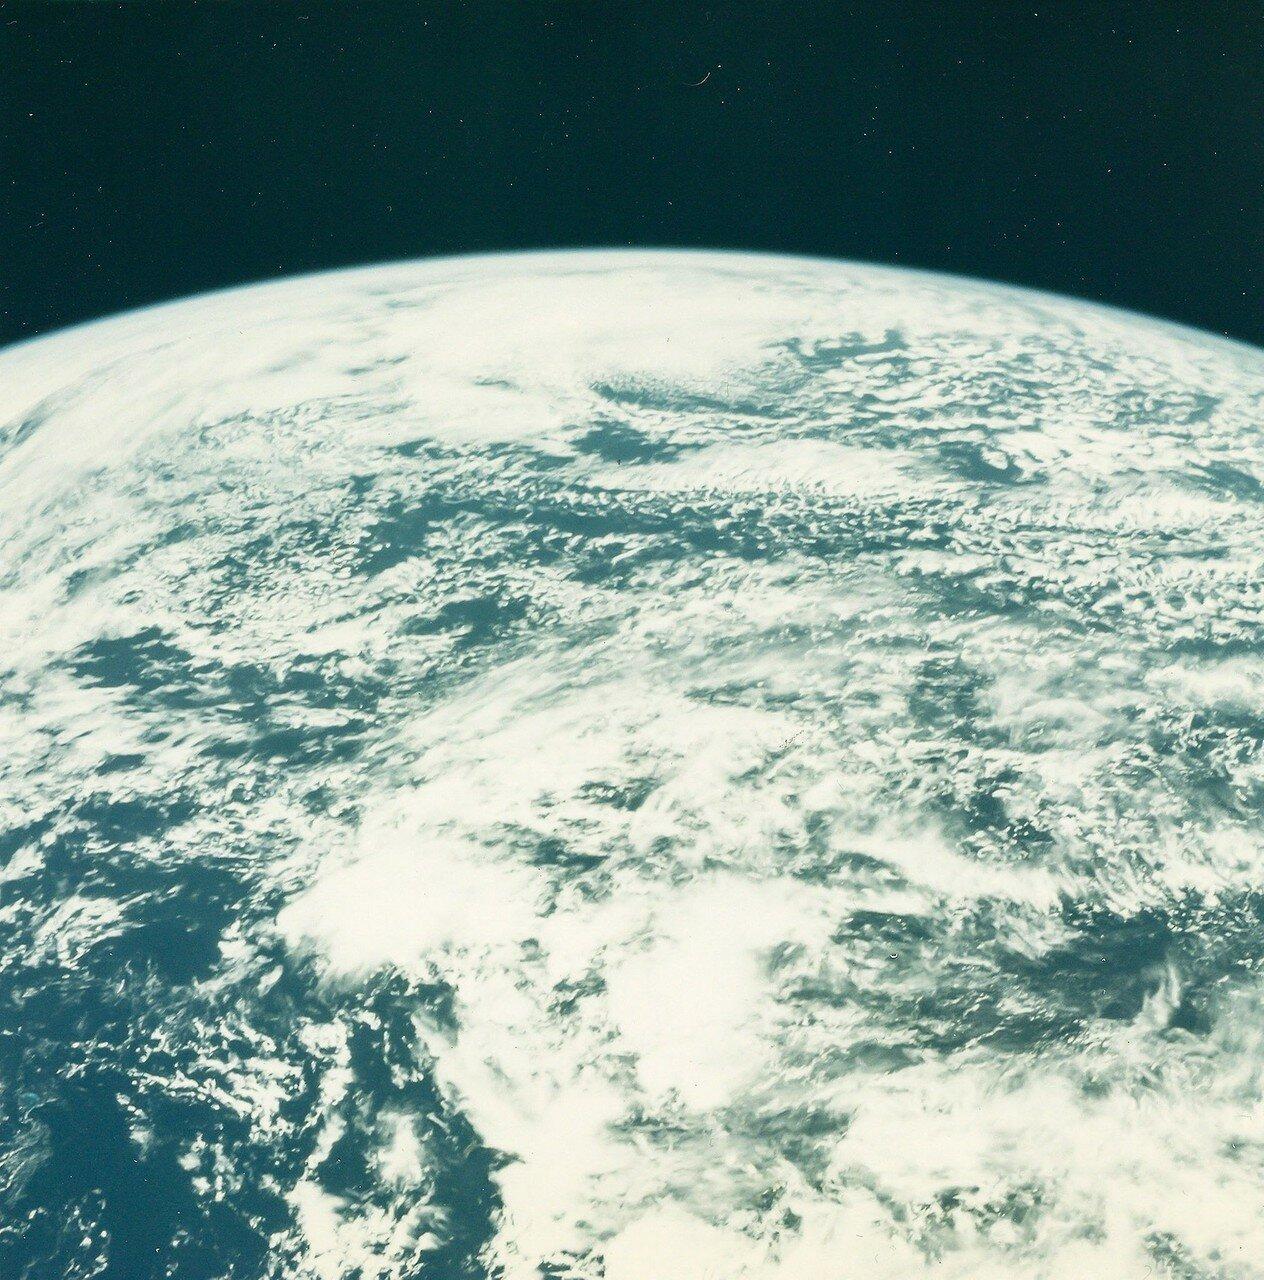 Через 11 минут 40 секунд корабль вышел на расчётную околоземную орбиту высотой 162,7 км на 169 км. На снимке: Вид Земли с орбиты до перехода «Аполлона-16» на траекторию полёта к Луне